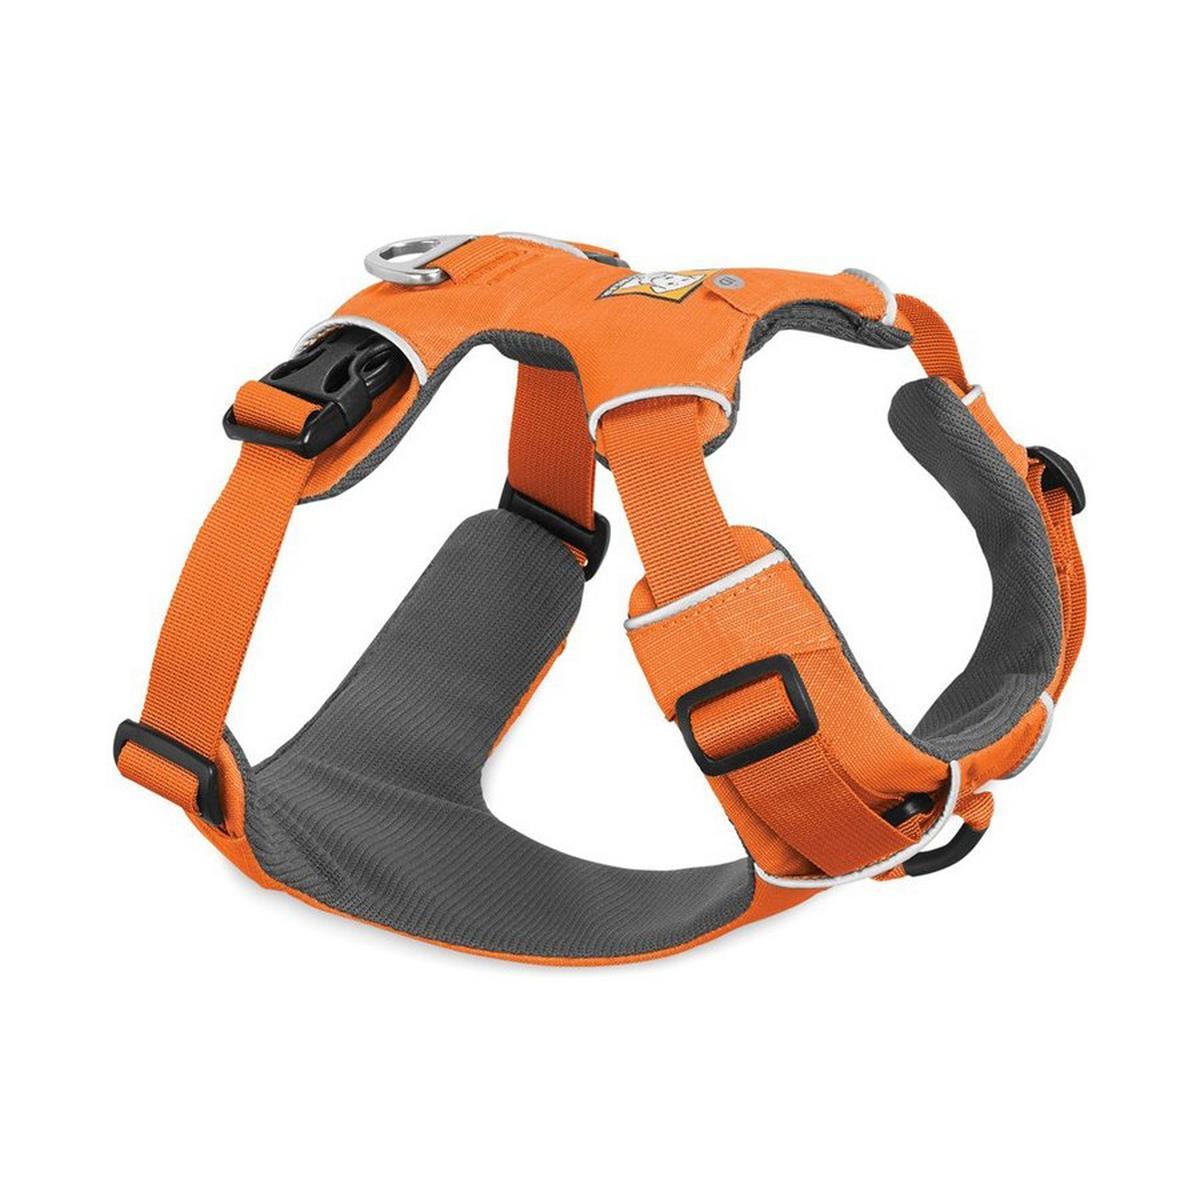 Ruffwear Front Range Harness Orange Poppy